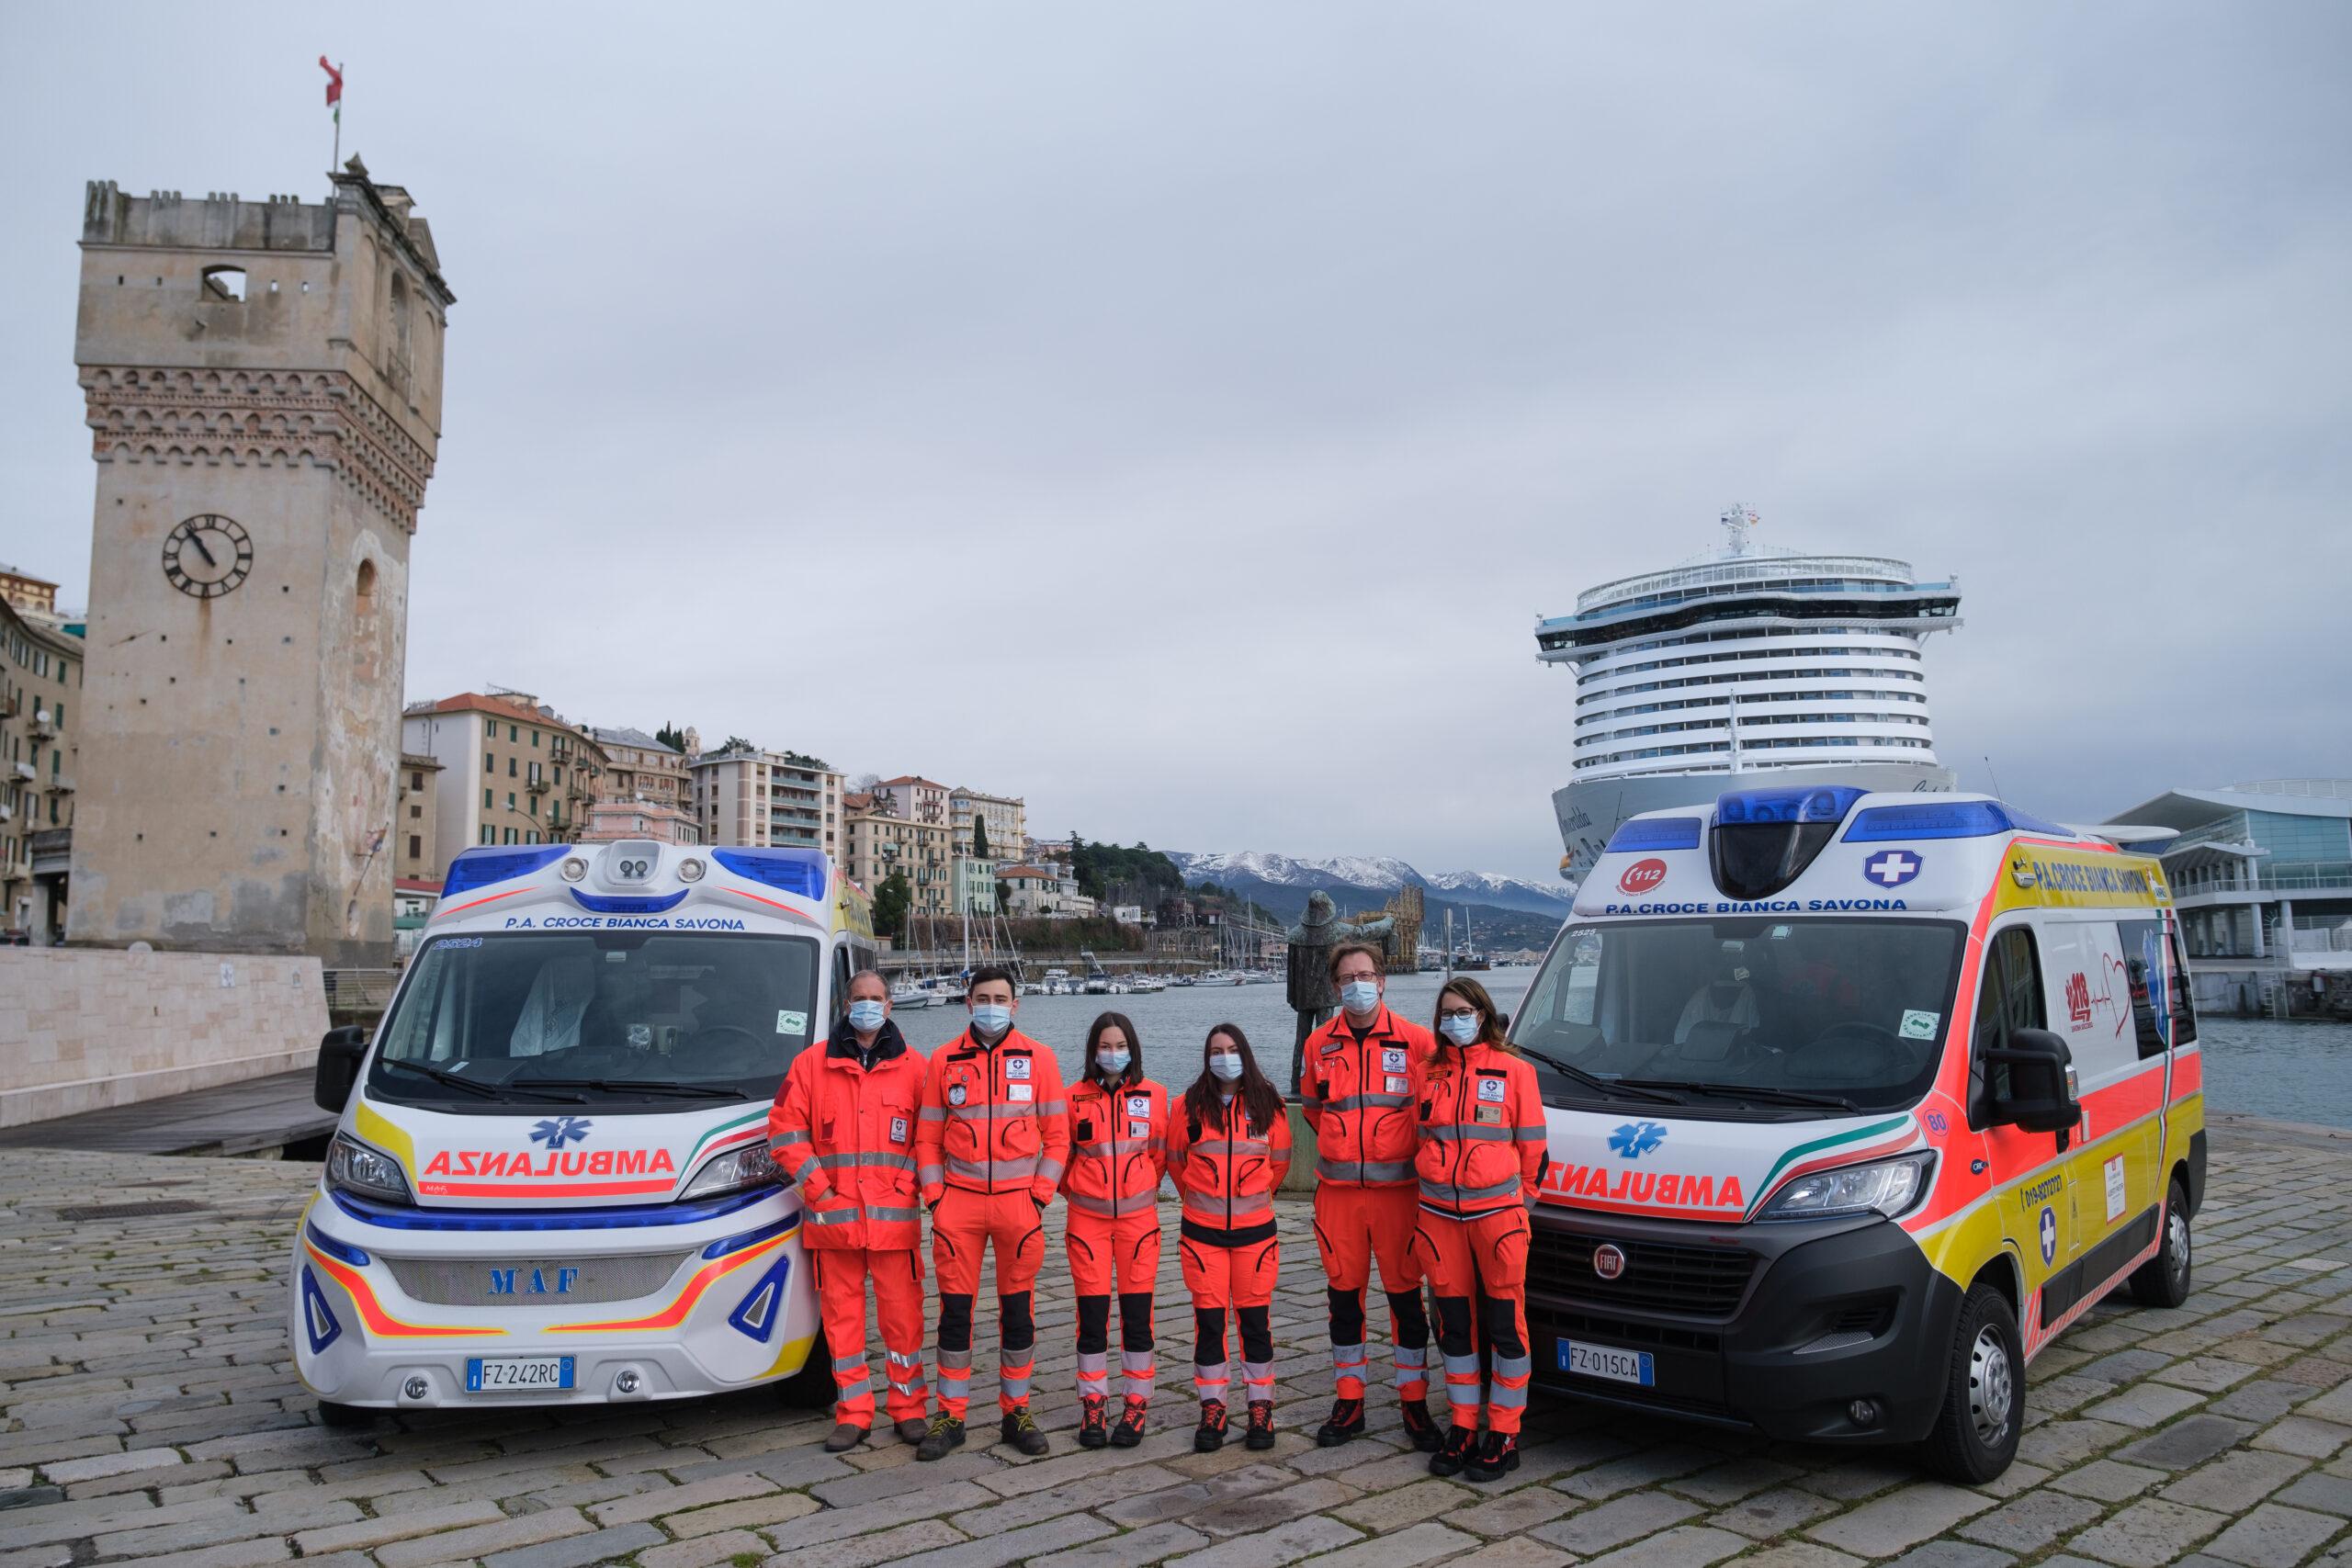 Staff Croce Bianca Savona